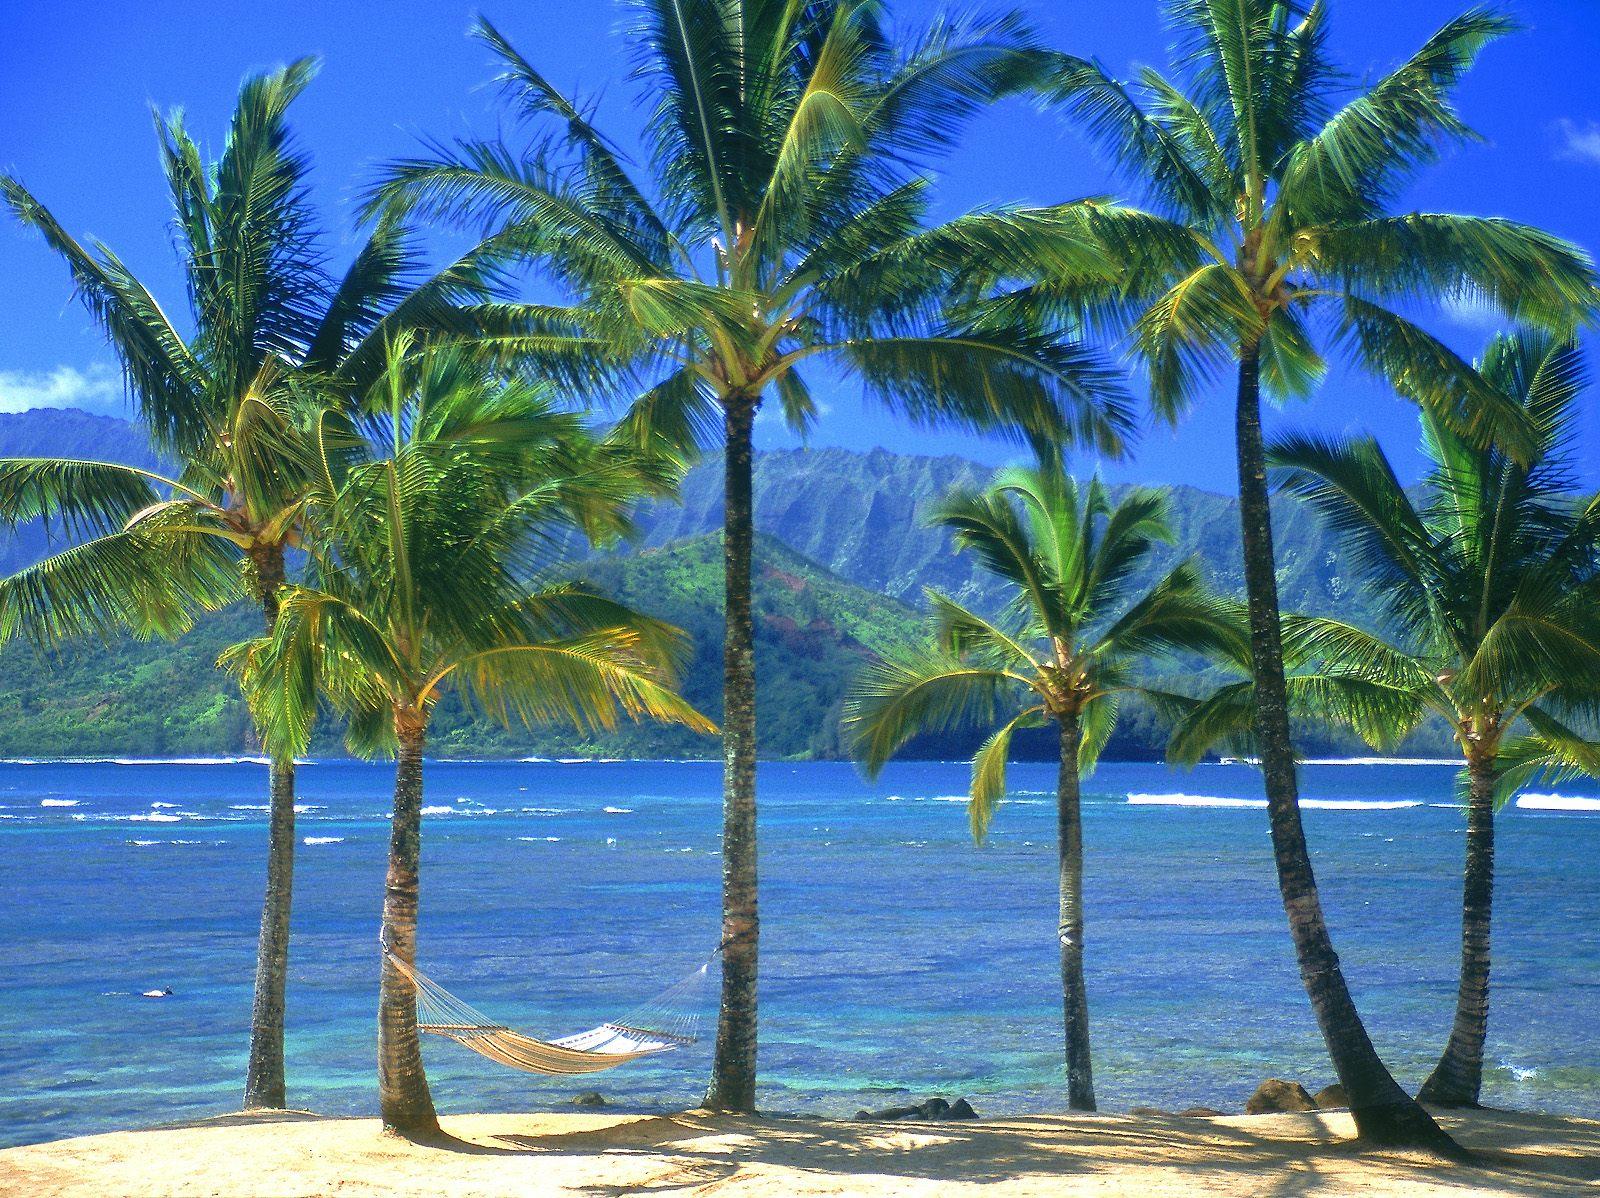 http://2.bp.blogspot.com/-JLsOG2JVPBE/UCm1OIMLBuI/AAAAAAAAM6c/qMNXmHW_1dA/s1600/wallpaper-palmeiras-de-kauai-5657.jpg